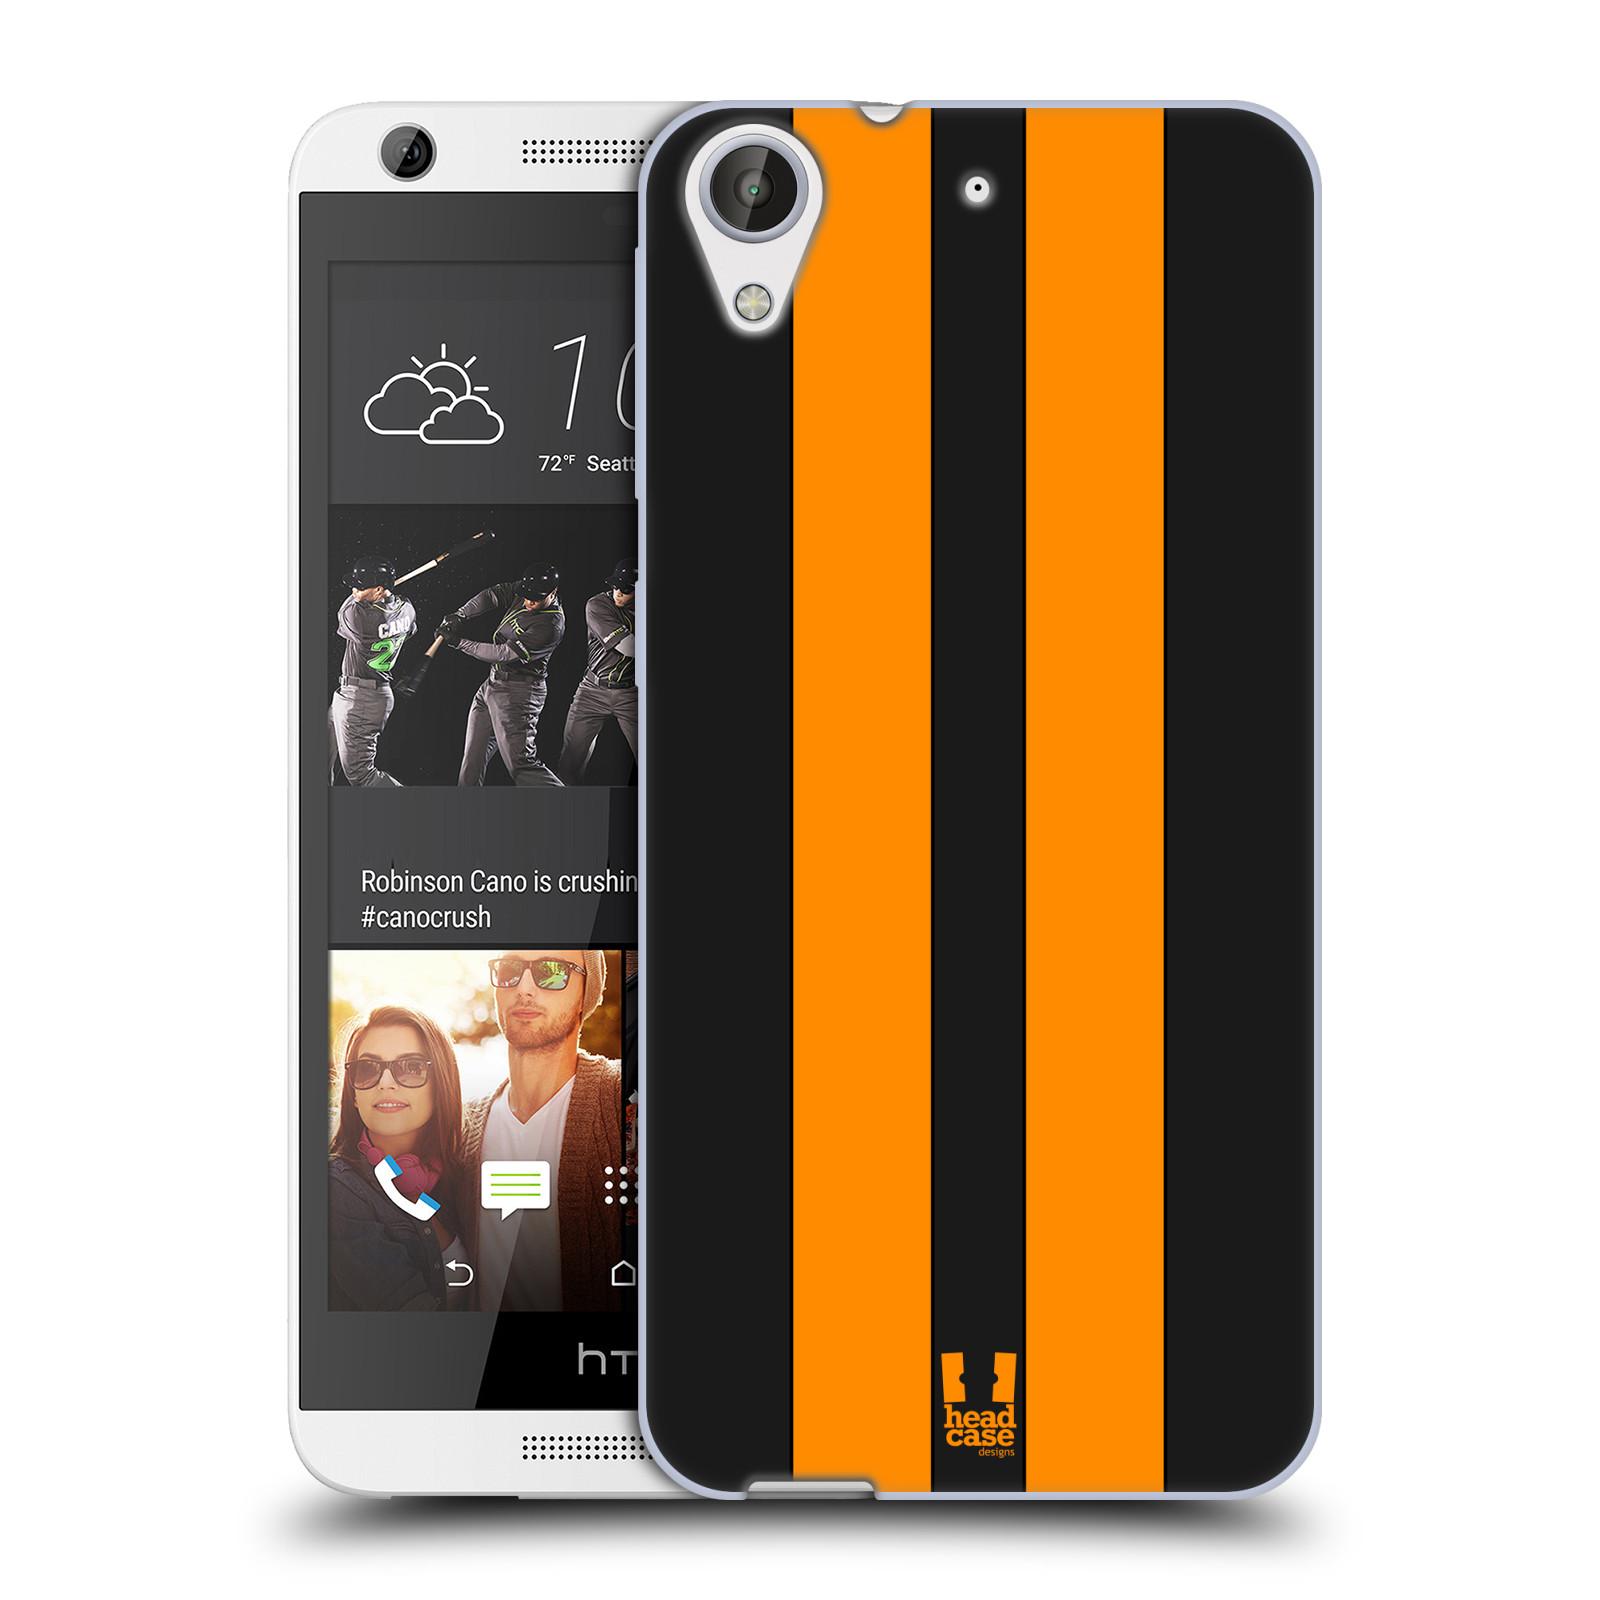 Silikonové pouzdro na mobil HTC Desire 626 / 626G HEAD CASE ŽLUTÉ A ČERNÉ PRUHY (Silikonový kryt či obal na mobilní telefon HTC Desire 626 a 626G Dual SIM)